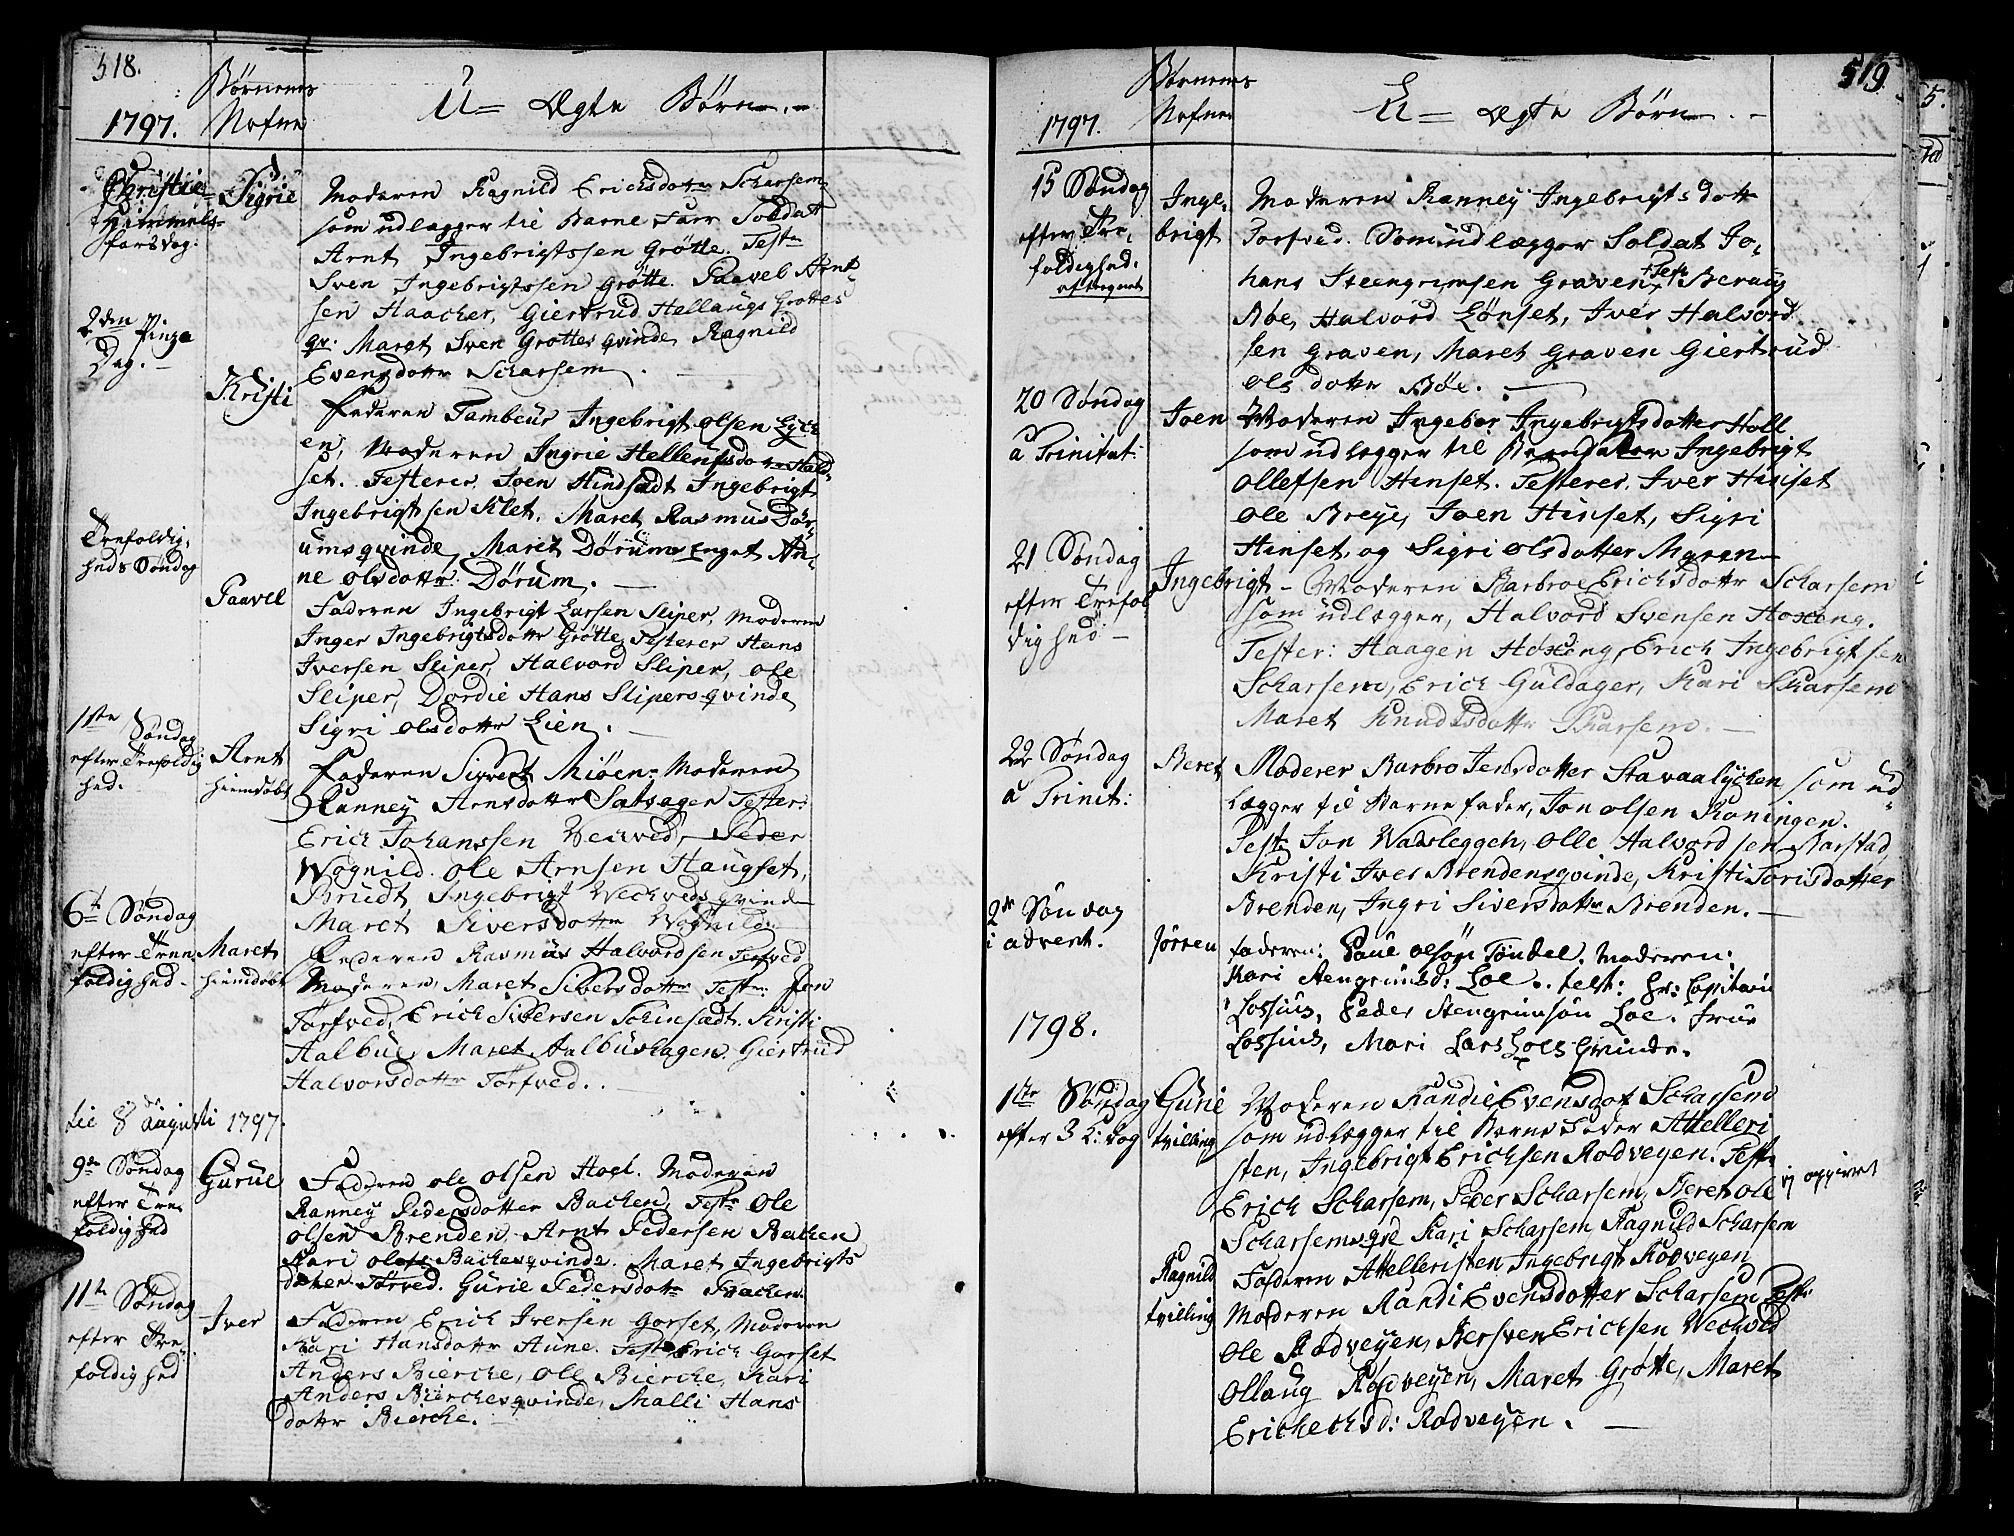 SAT, Ministerialprotokoller, klokkerbøker og fødselsregistre - Sør-Trøndelag, 678/L0893: Ministerialbok nr. 678A03, 1792-1805, s. 518-519